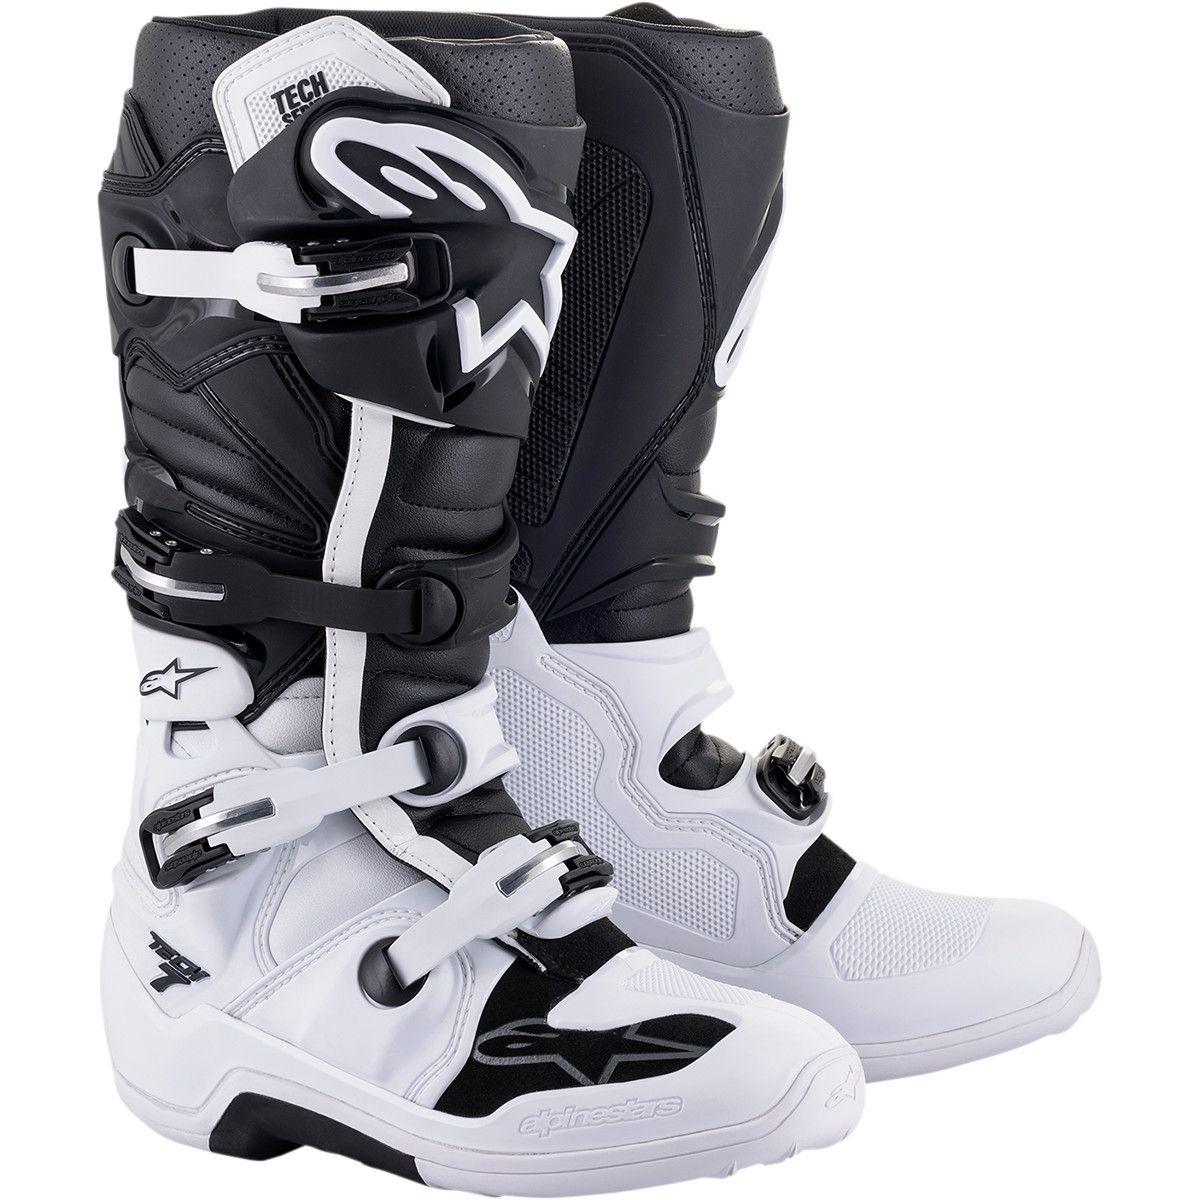 Alpinestars Crosslaarzen Tech 7 Black/White